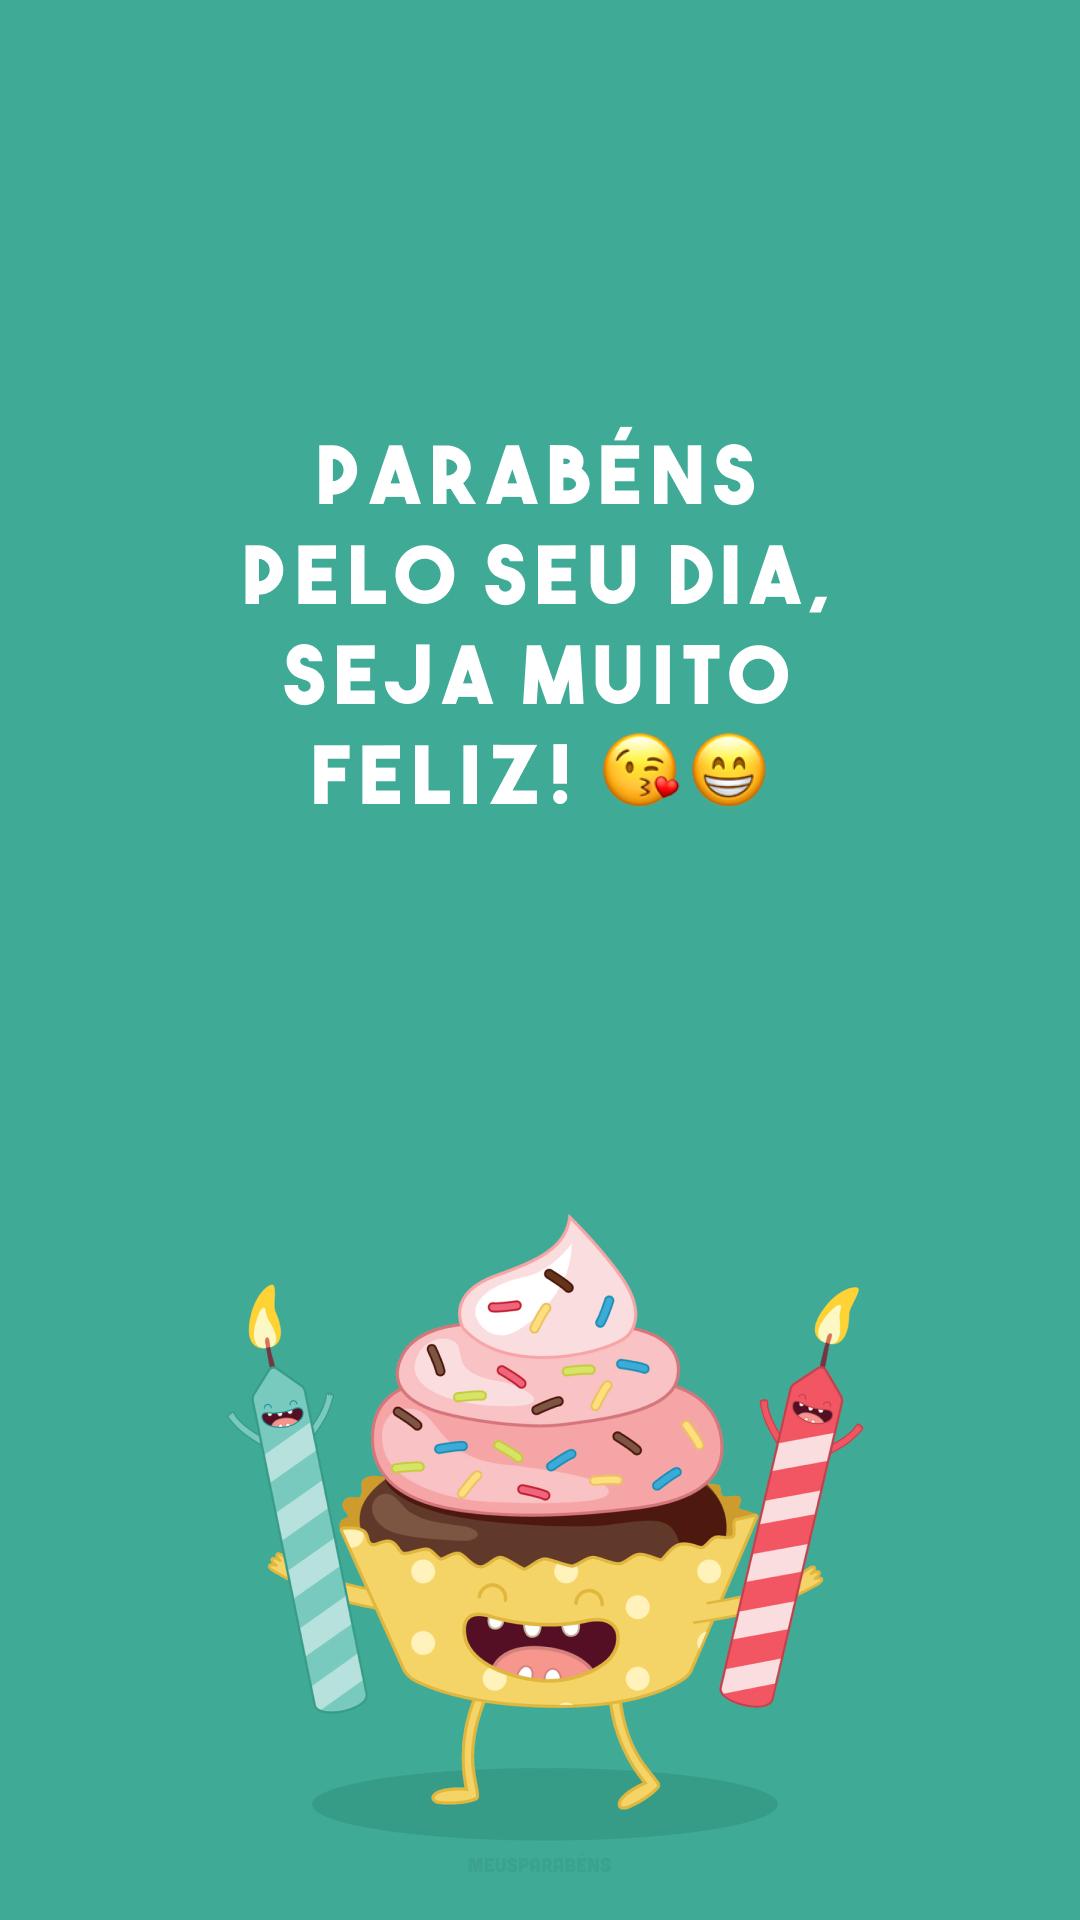 Parabéns pelo seu dia, seja muito feliz! 😘😁